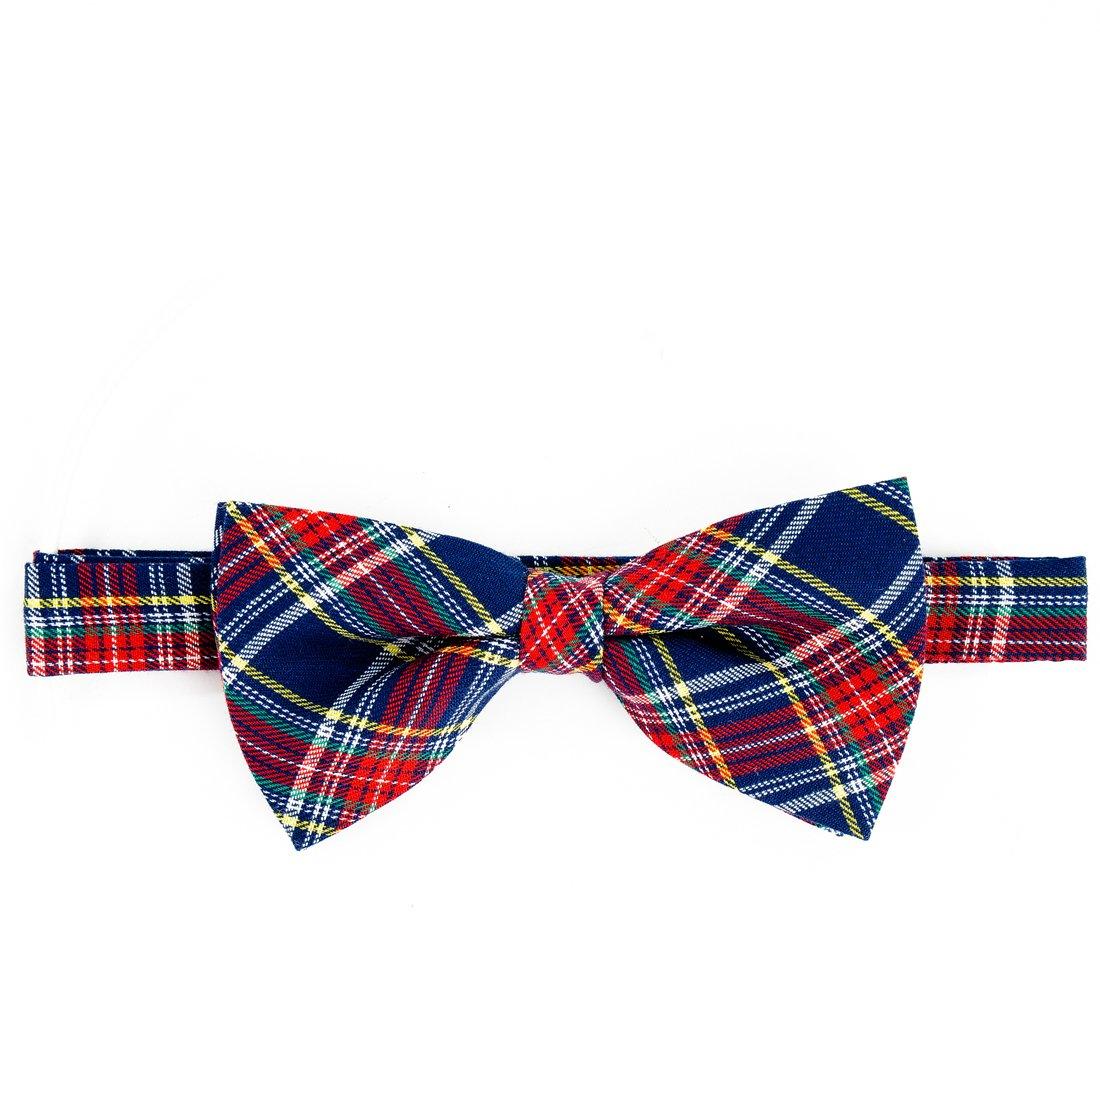 Croota Mens Pre-Tied Tuxedo Adjustable Color Neck Bow Tie